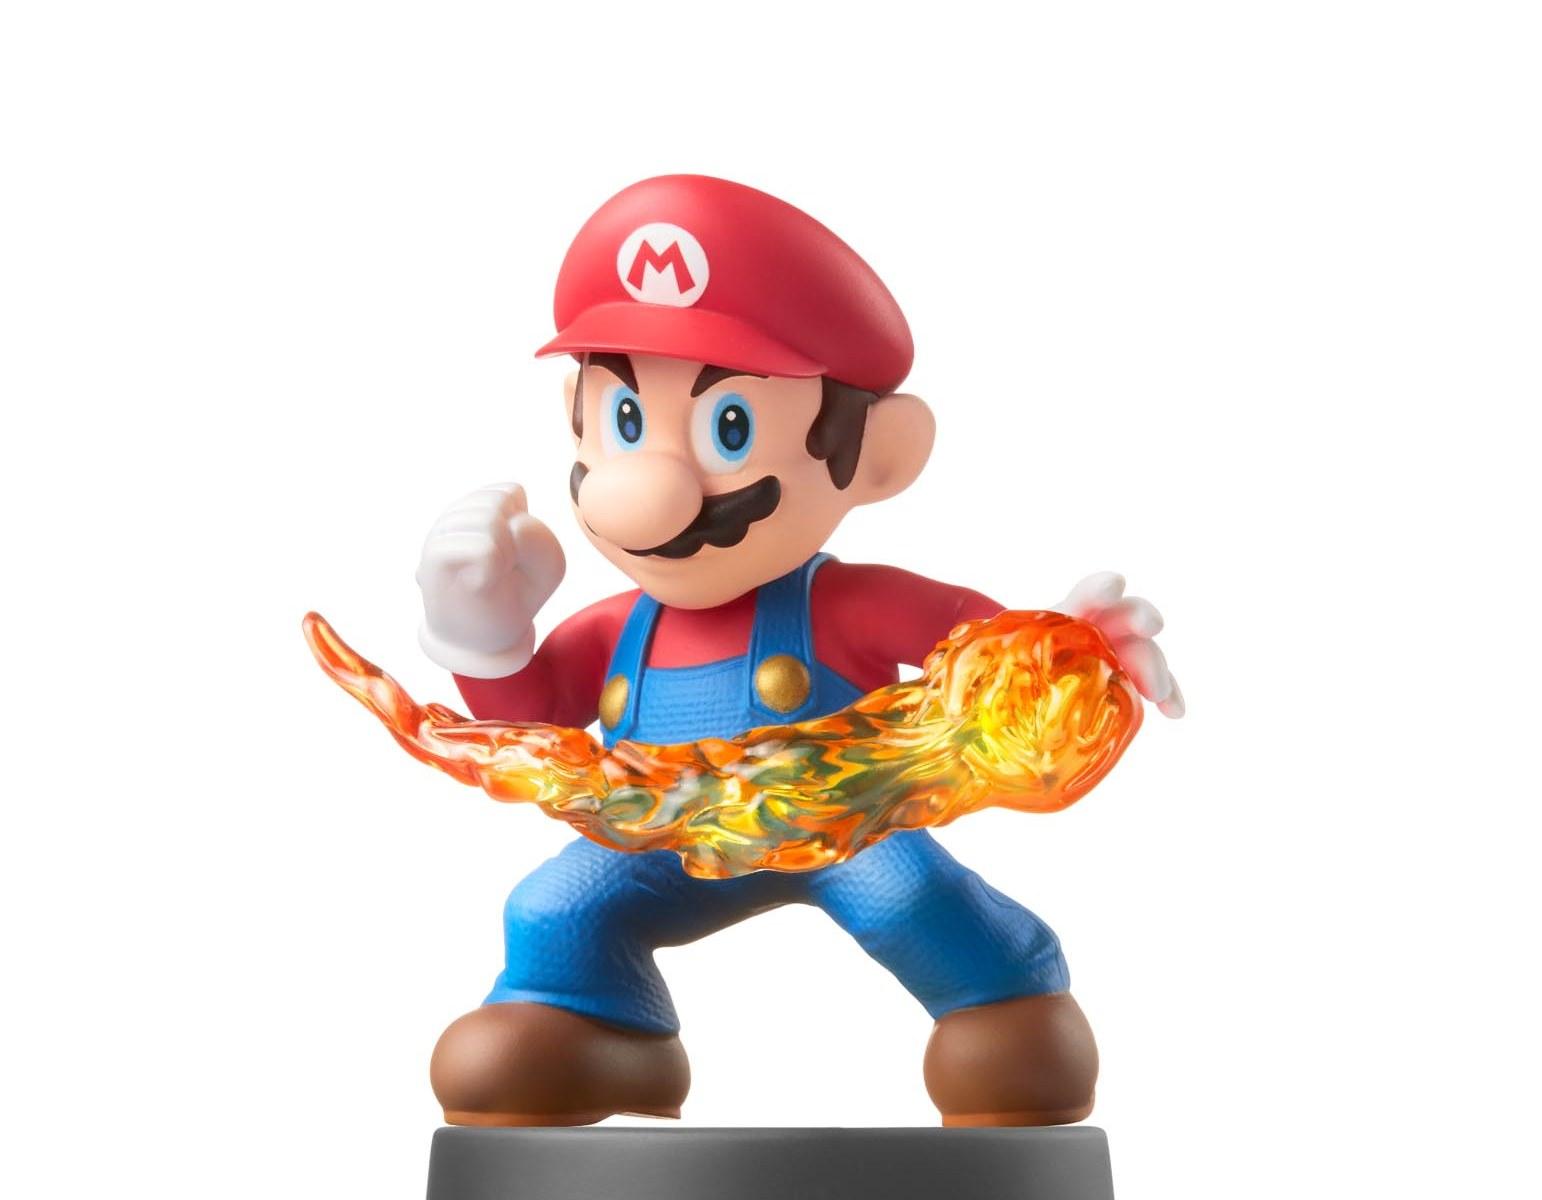 A First Look At Upcoming Wave 5 Smash Bros Amiibo My